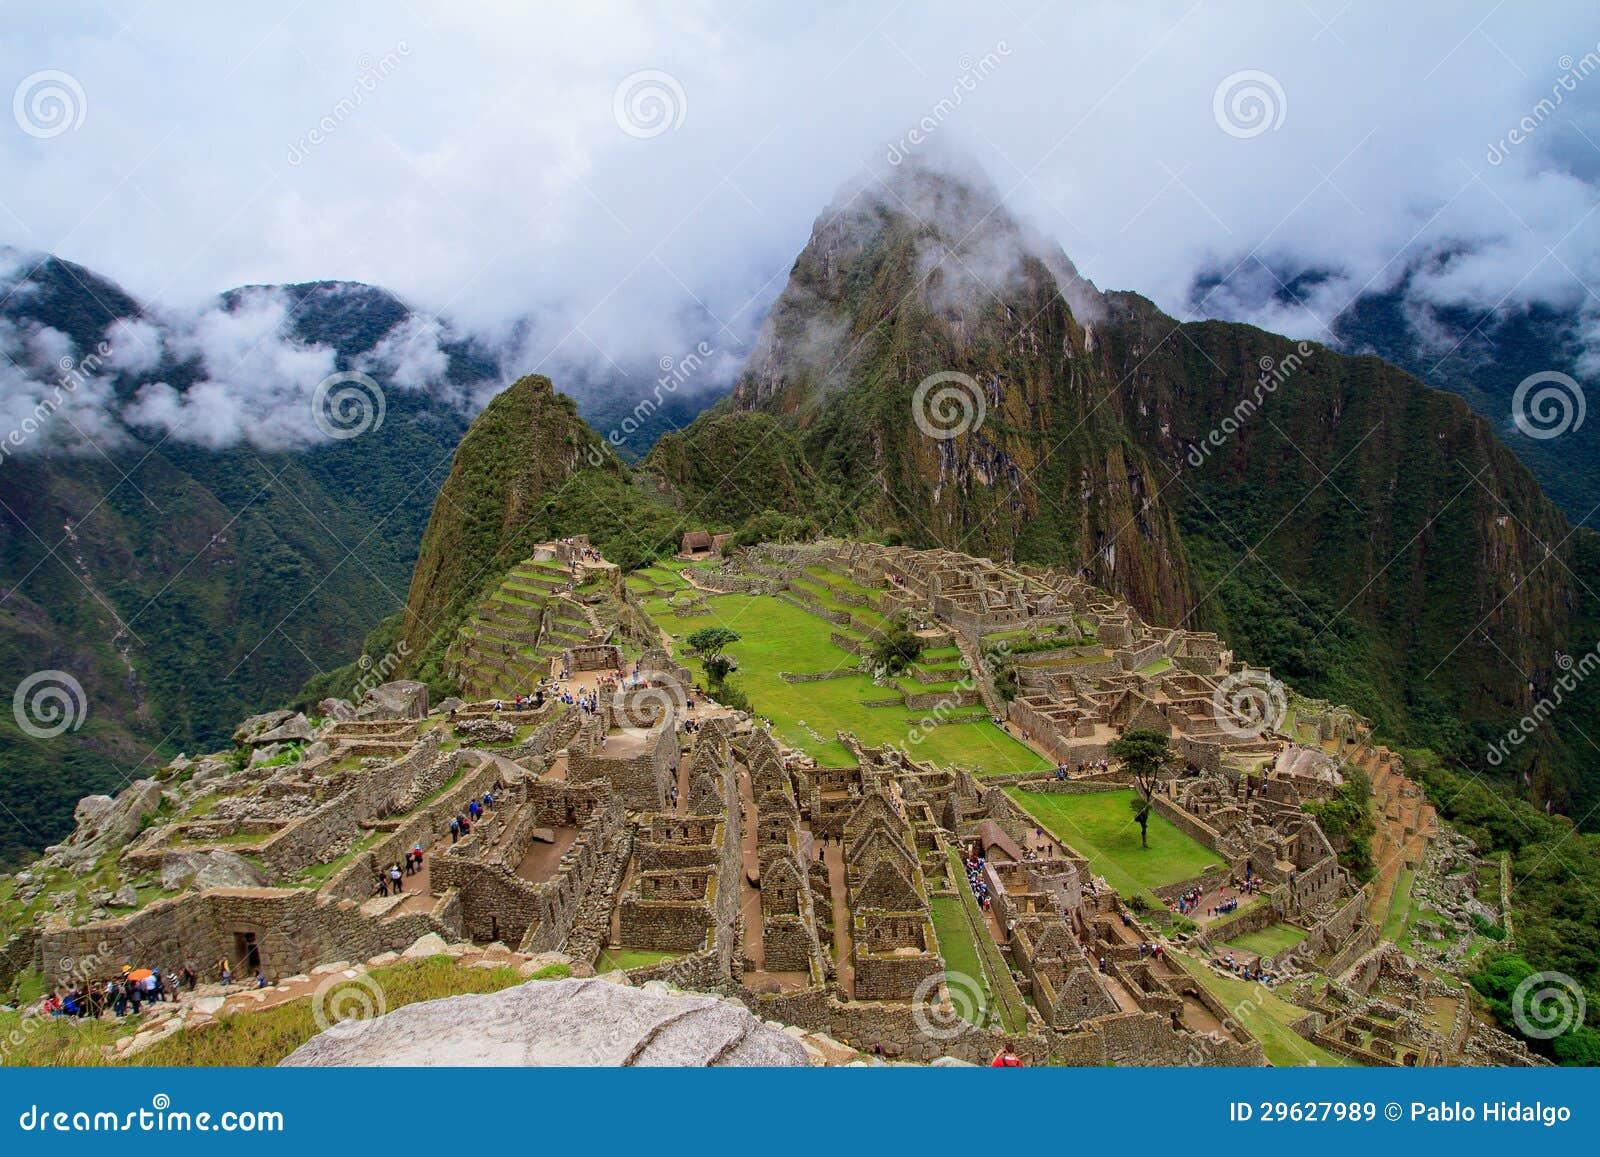 Turista en la ciudad perdida de Machu Picchu - Perú